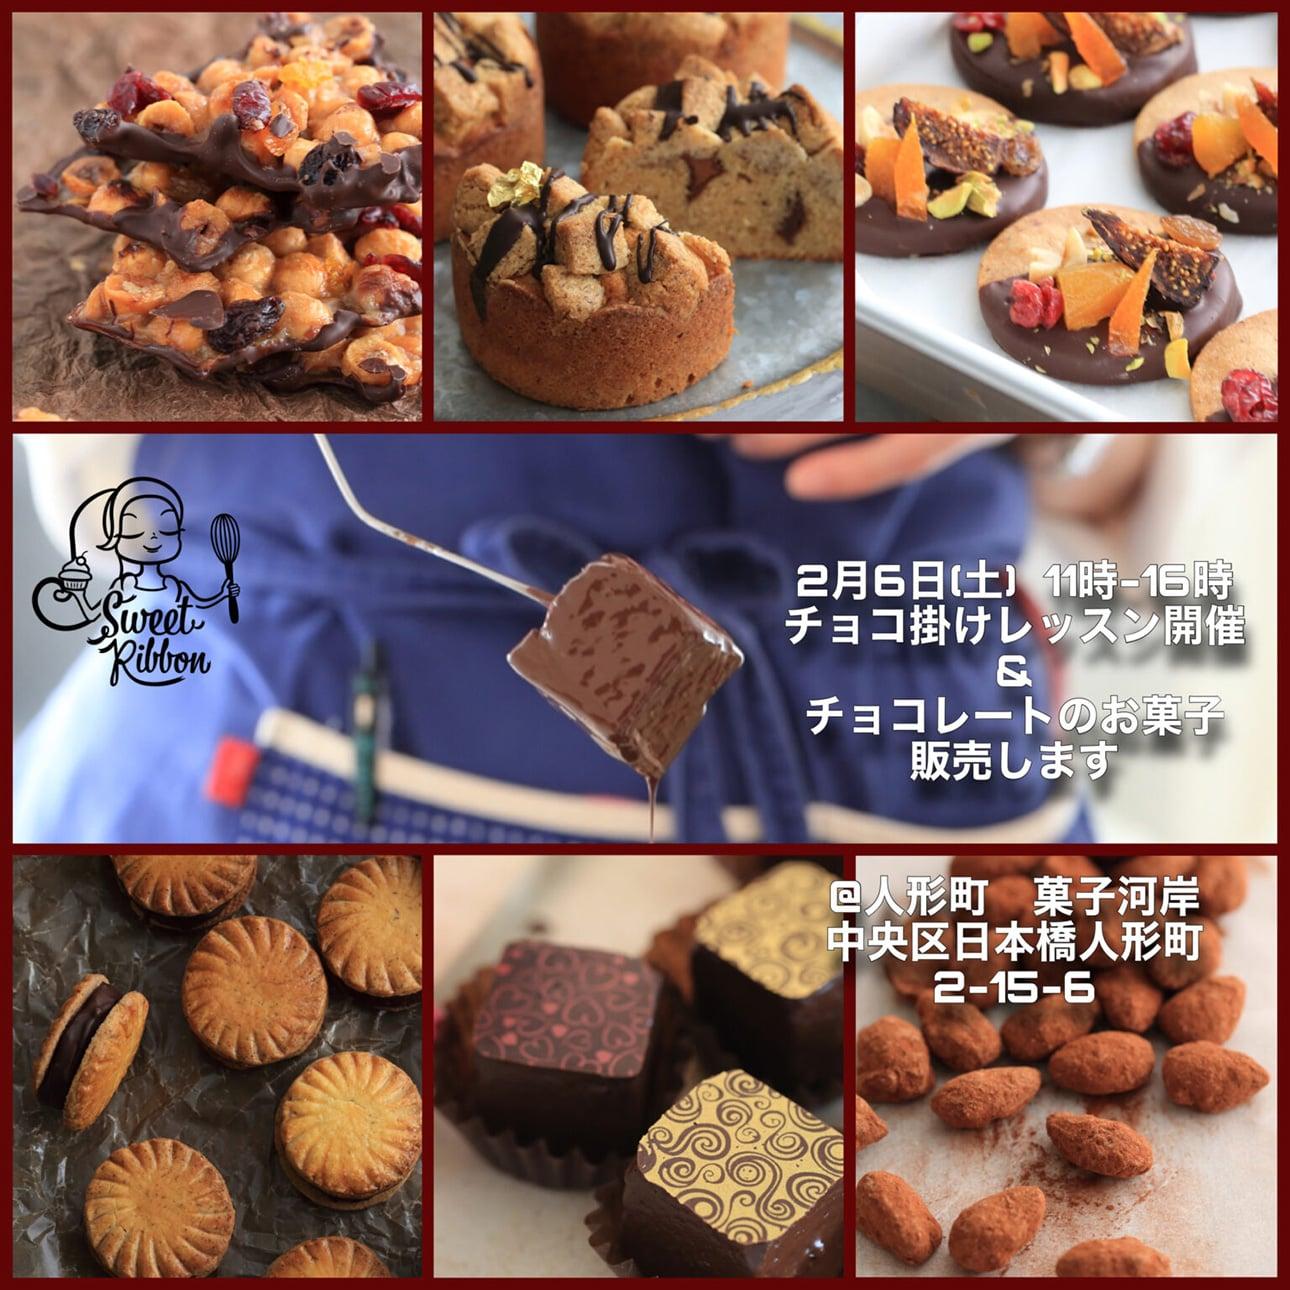 2月6日(土)人形町にてバレンタインレッスン&チョコ販売のお知らせ